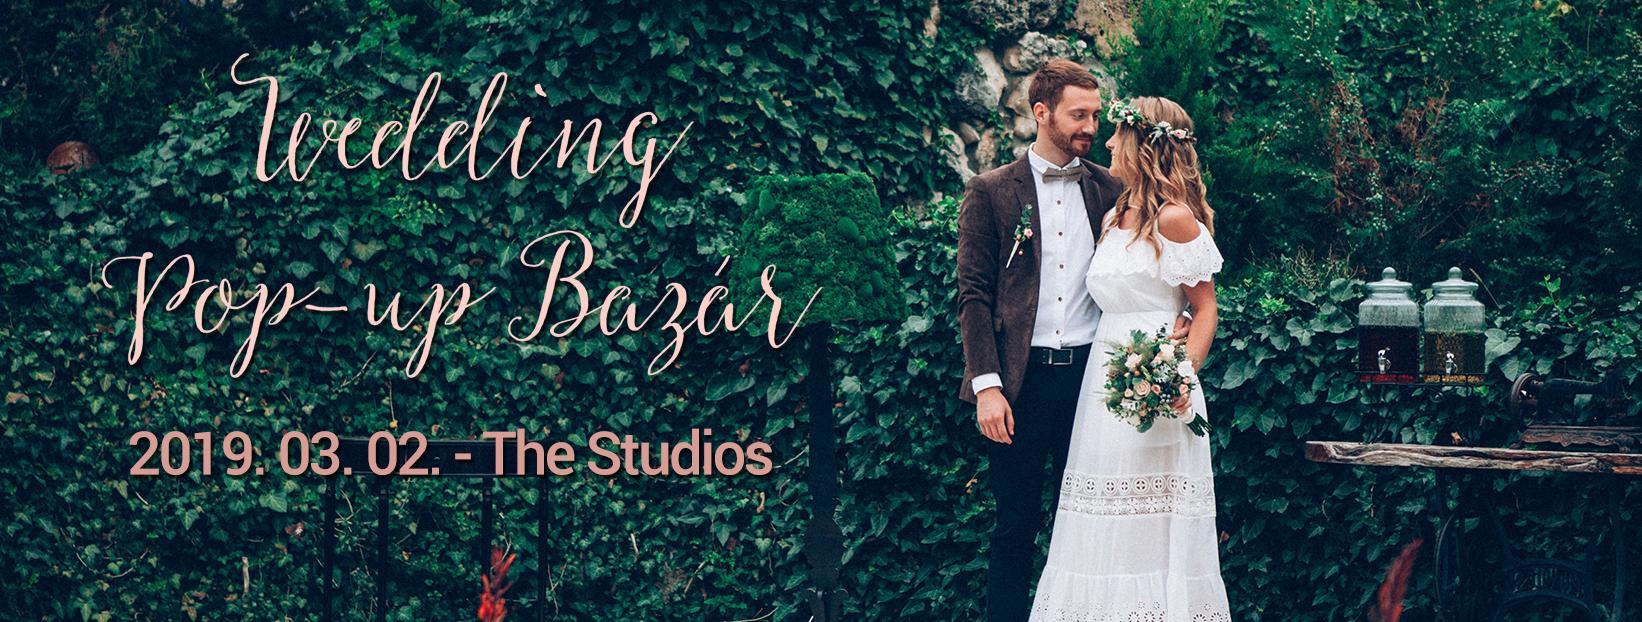 dbc90e9364 Legyél mesebeli hercegnő: álomszép menyasszonyi ruhák az Óperencián túlról    Esküvő Classic